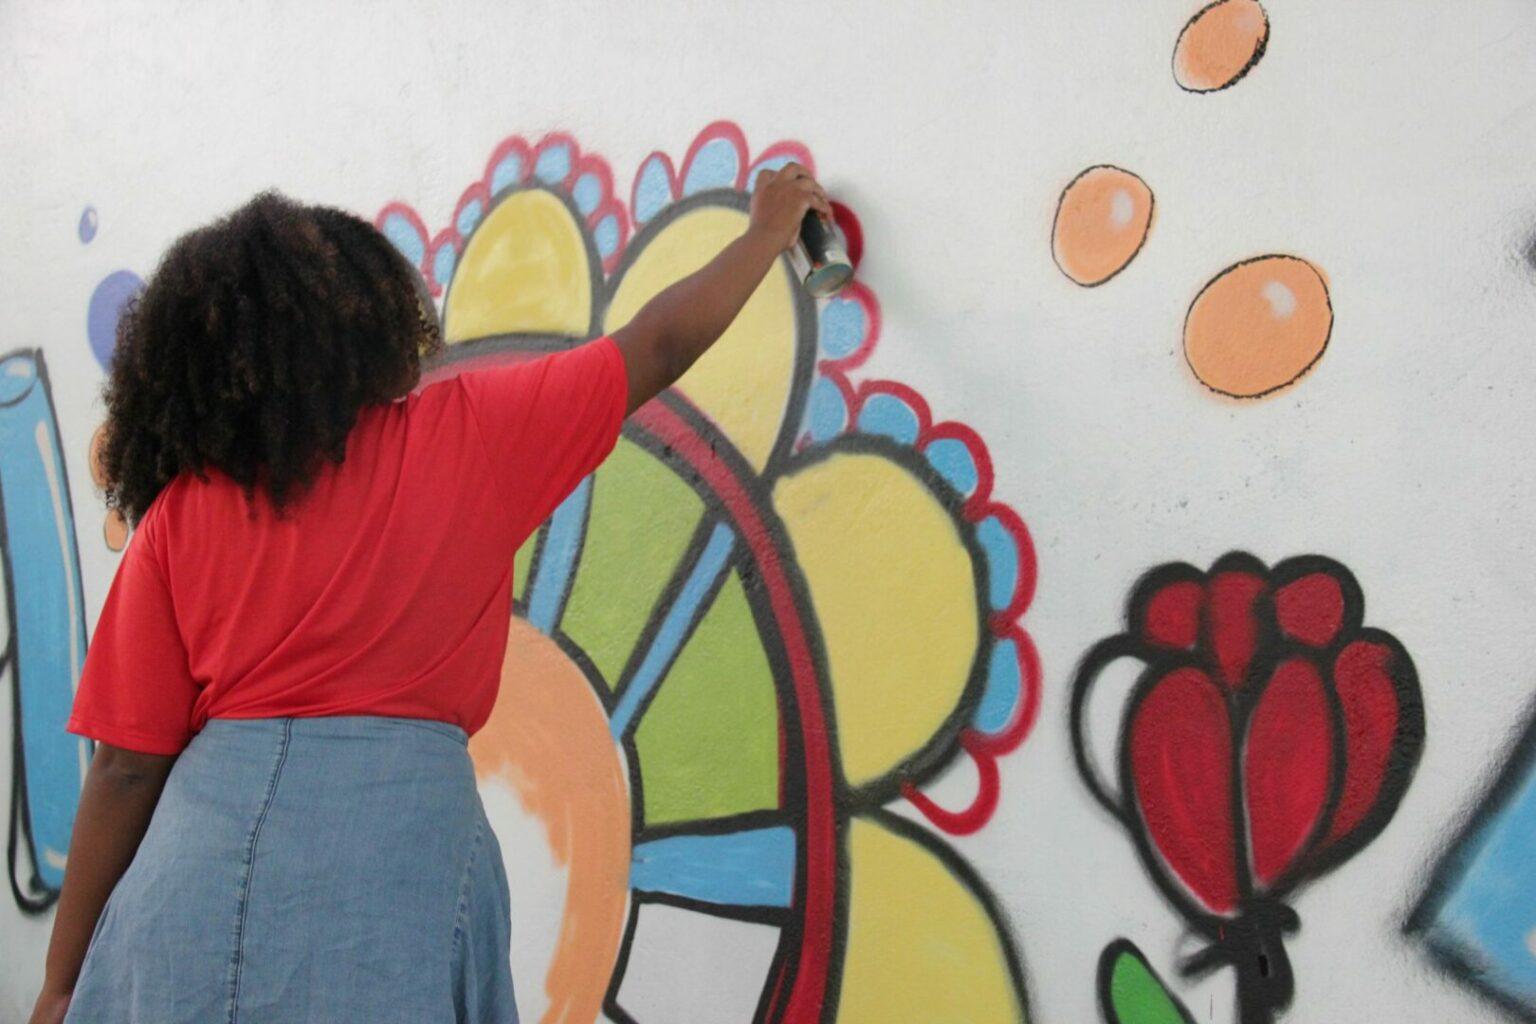 Foto de uma estudante de costas pintando uma mandala colorida em uma parede